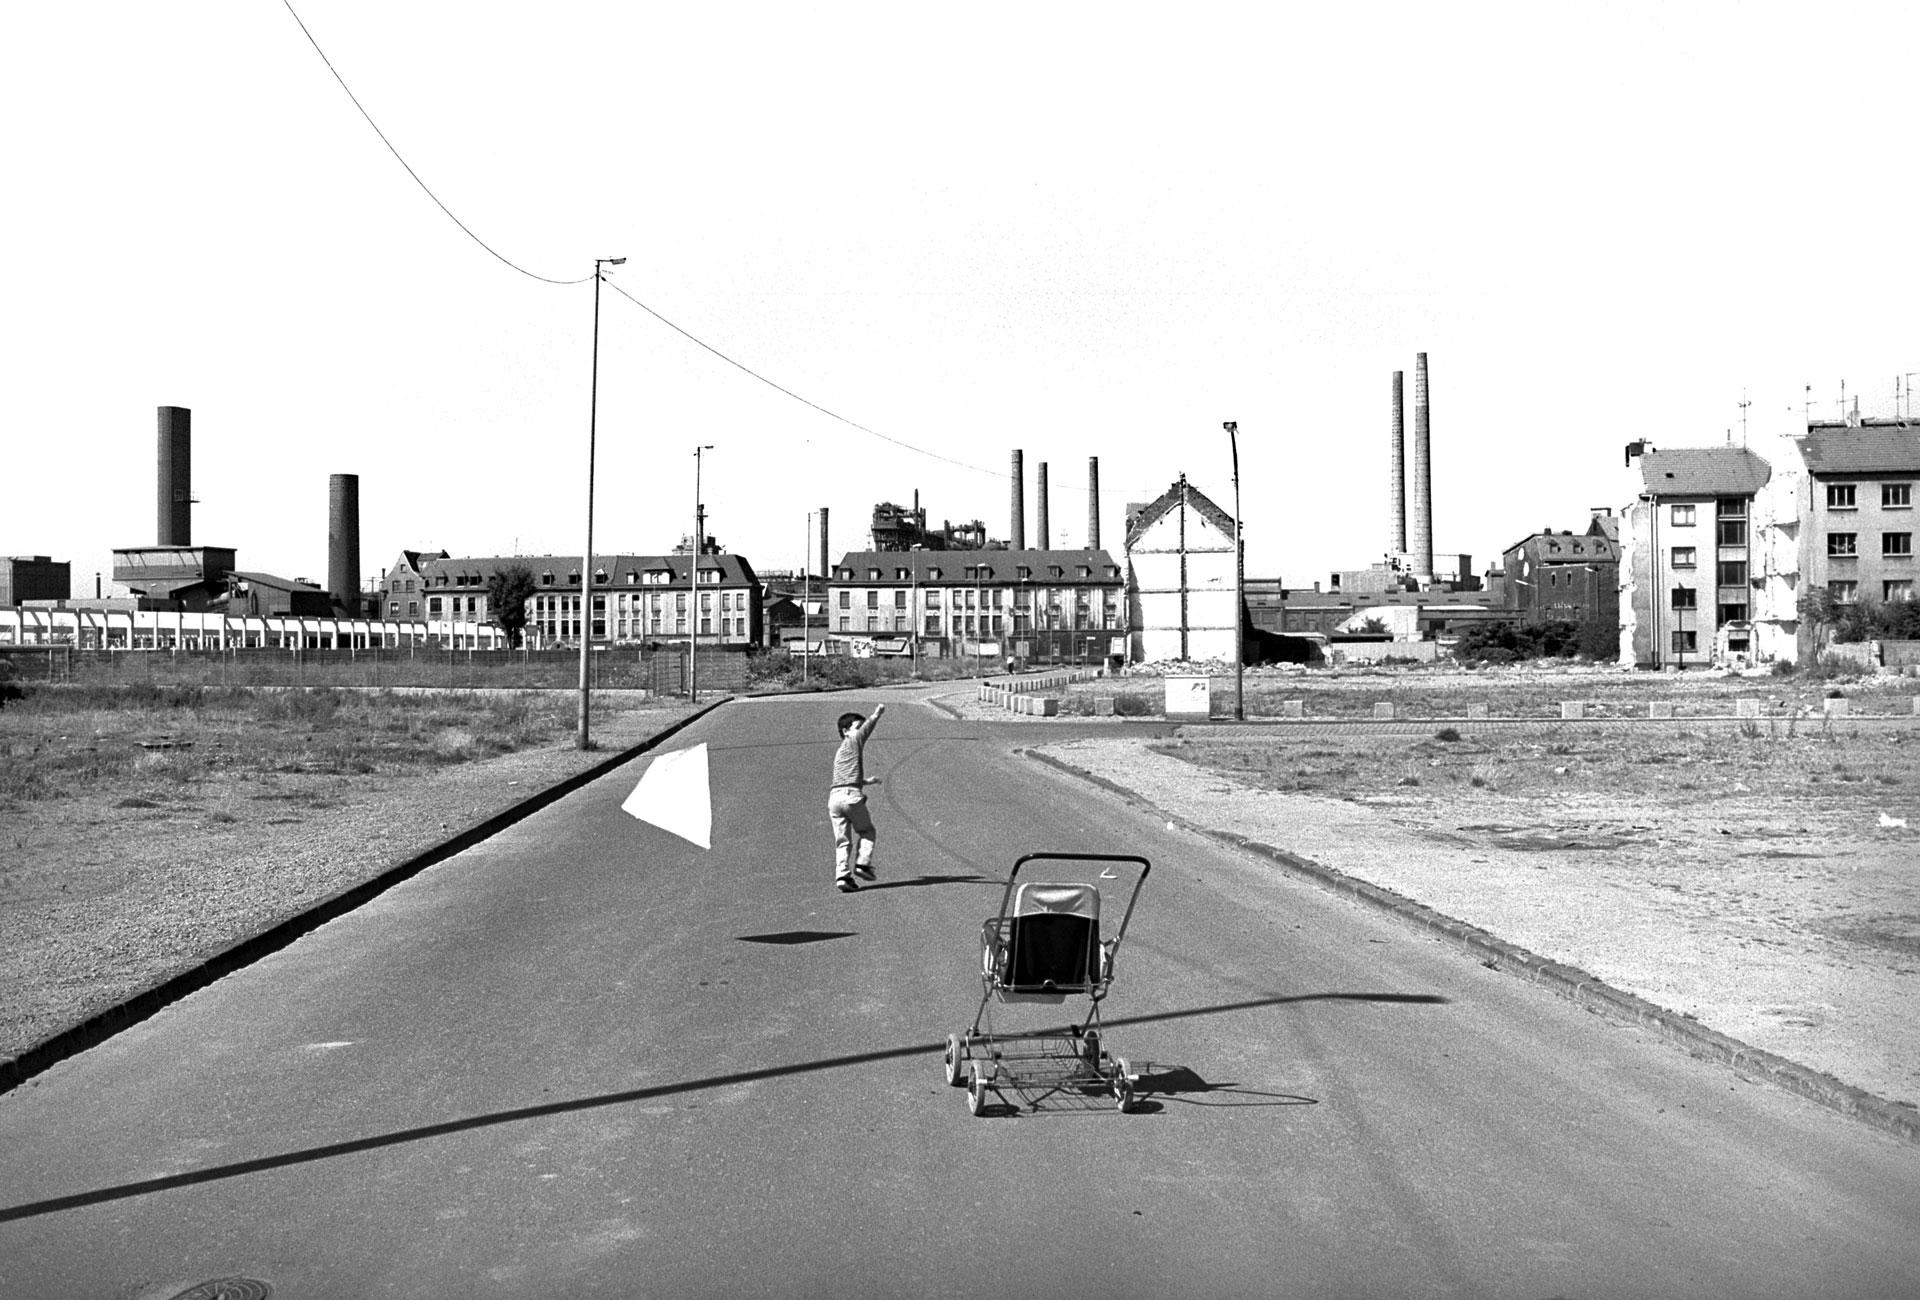 Industrie, Arbeitersiedlung, Zeche, Arbeiter, Strukturwandel, Umweltverschmutzung